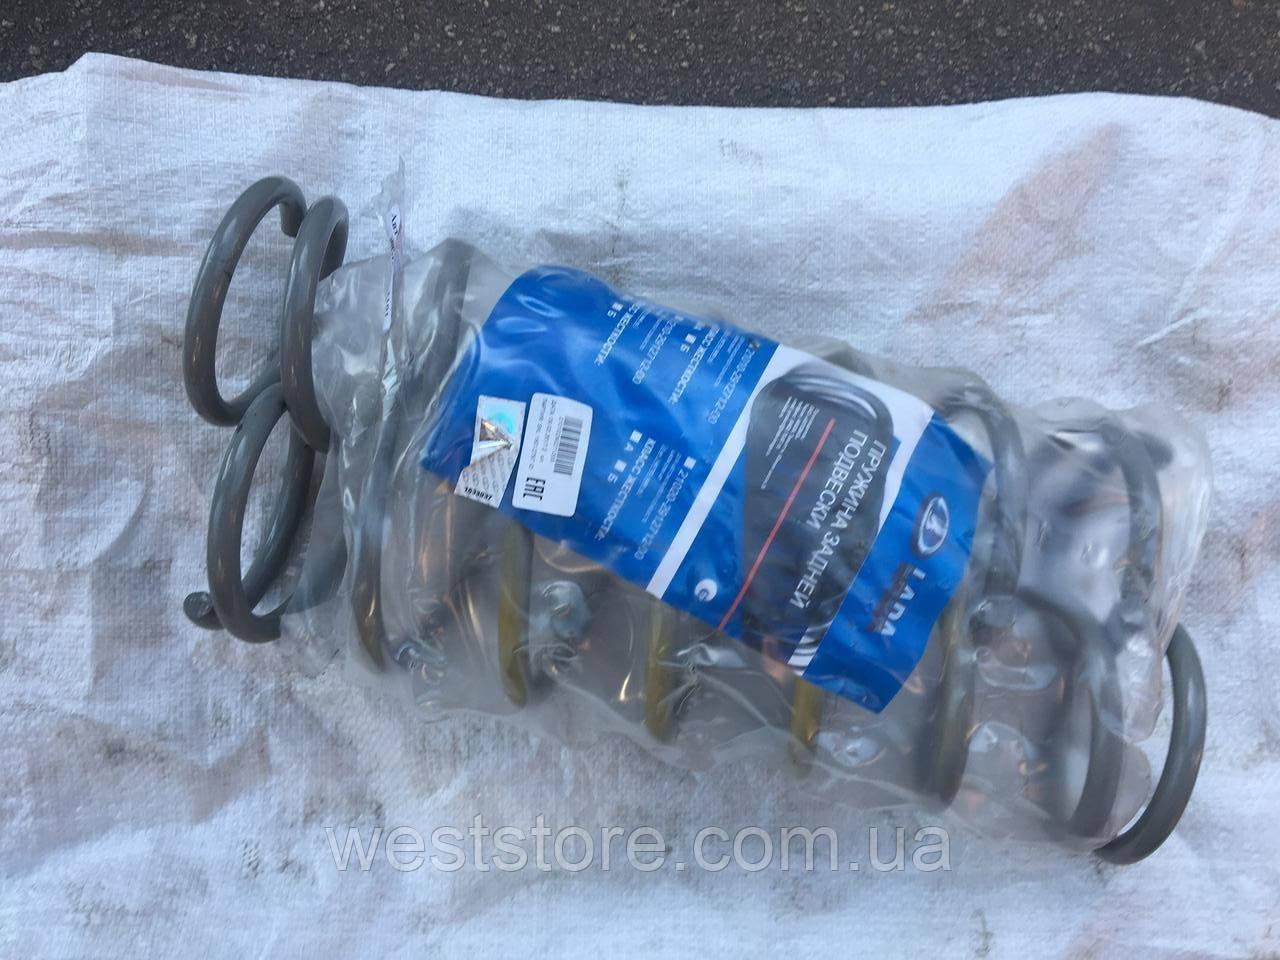 Пружины задней подвески Ваз 2101 2103 2105 2106 2107 ВАЗ (к-кт 2шт) желтая метка